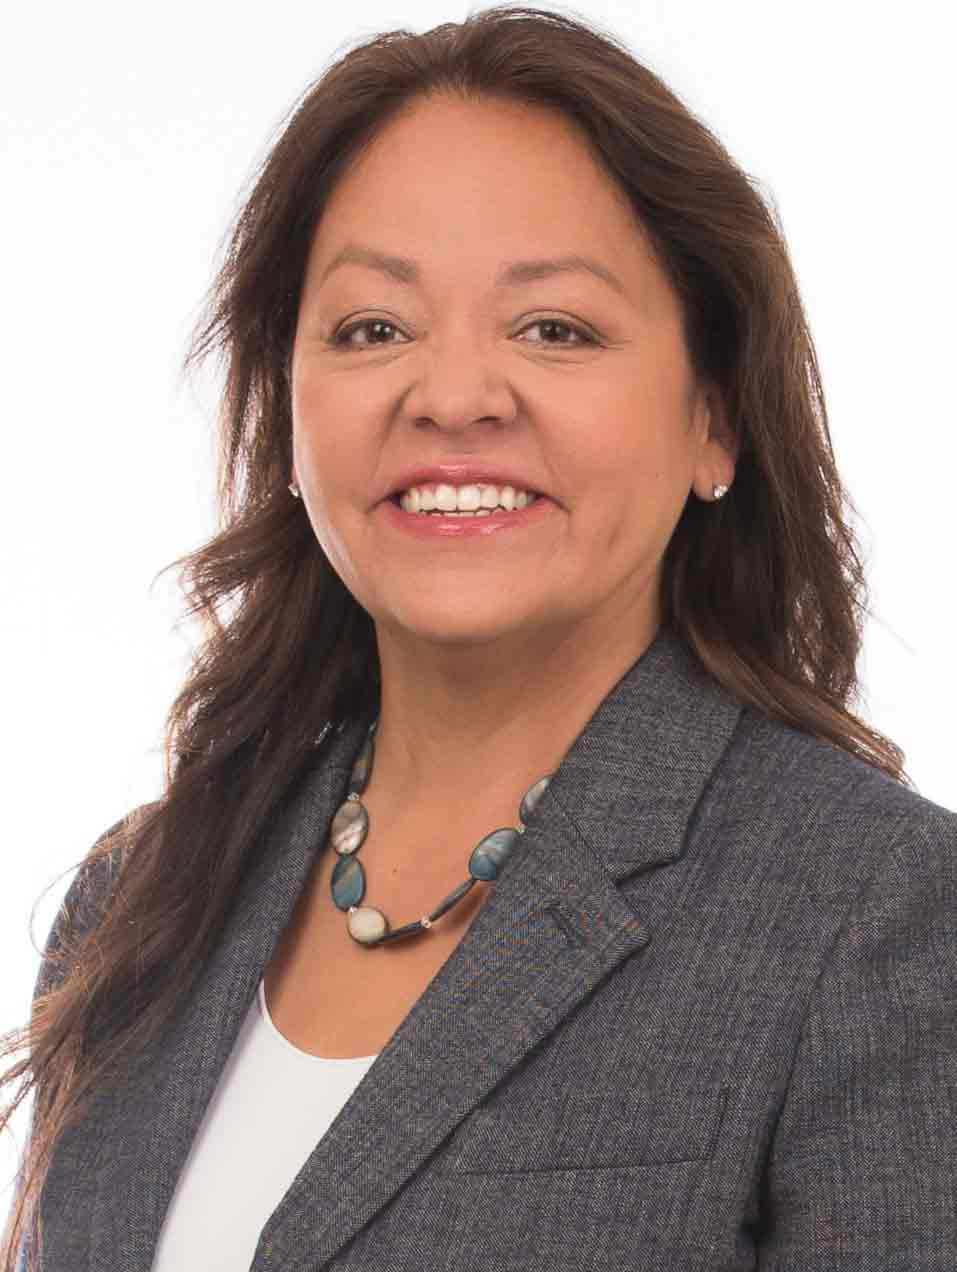 Dianne G. Corbiere